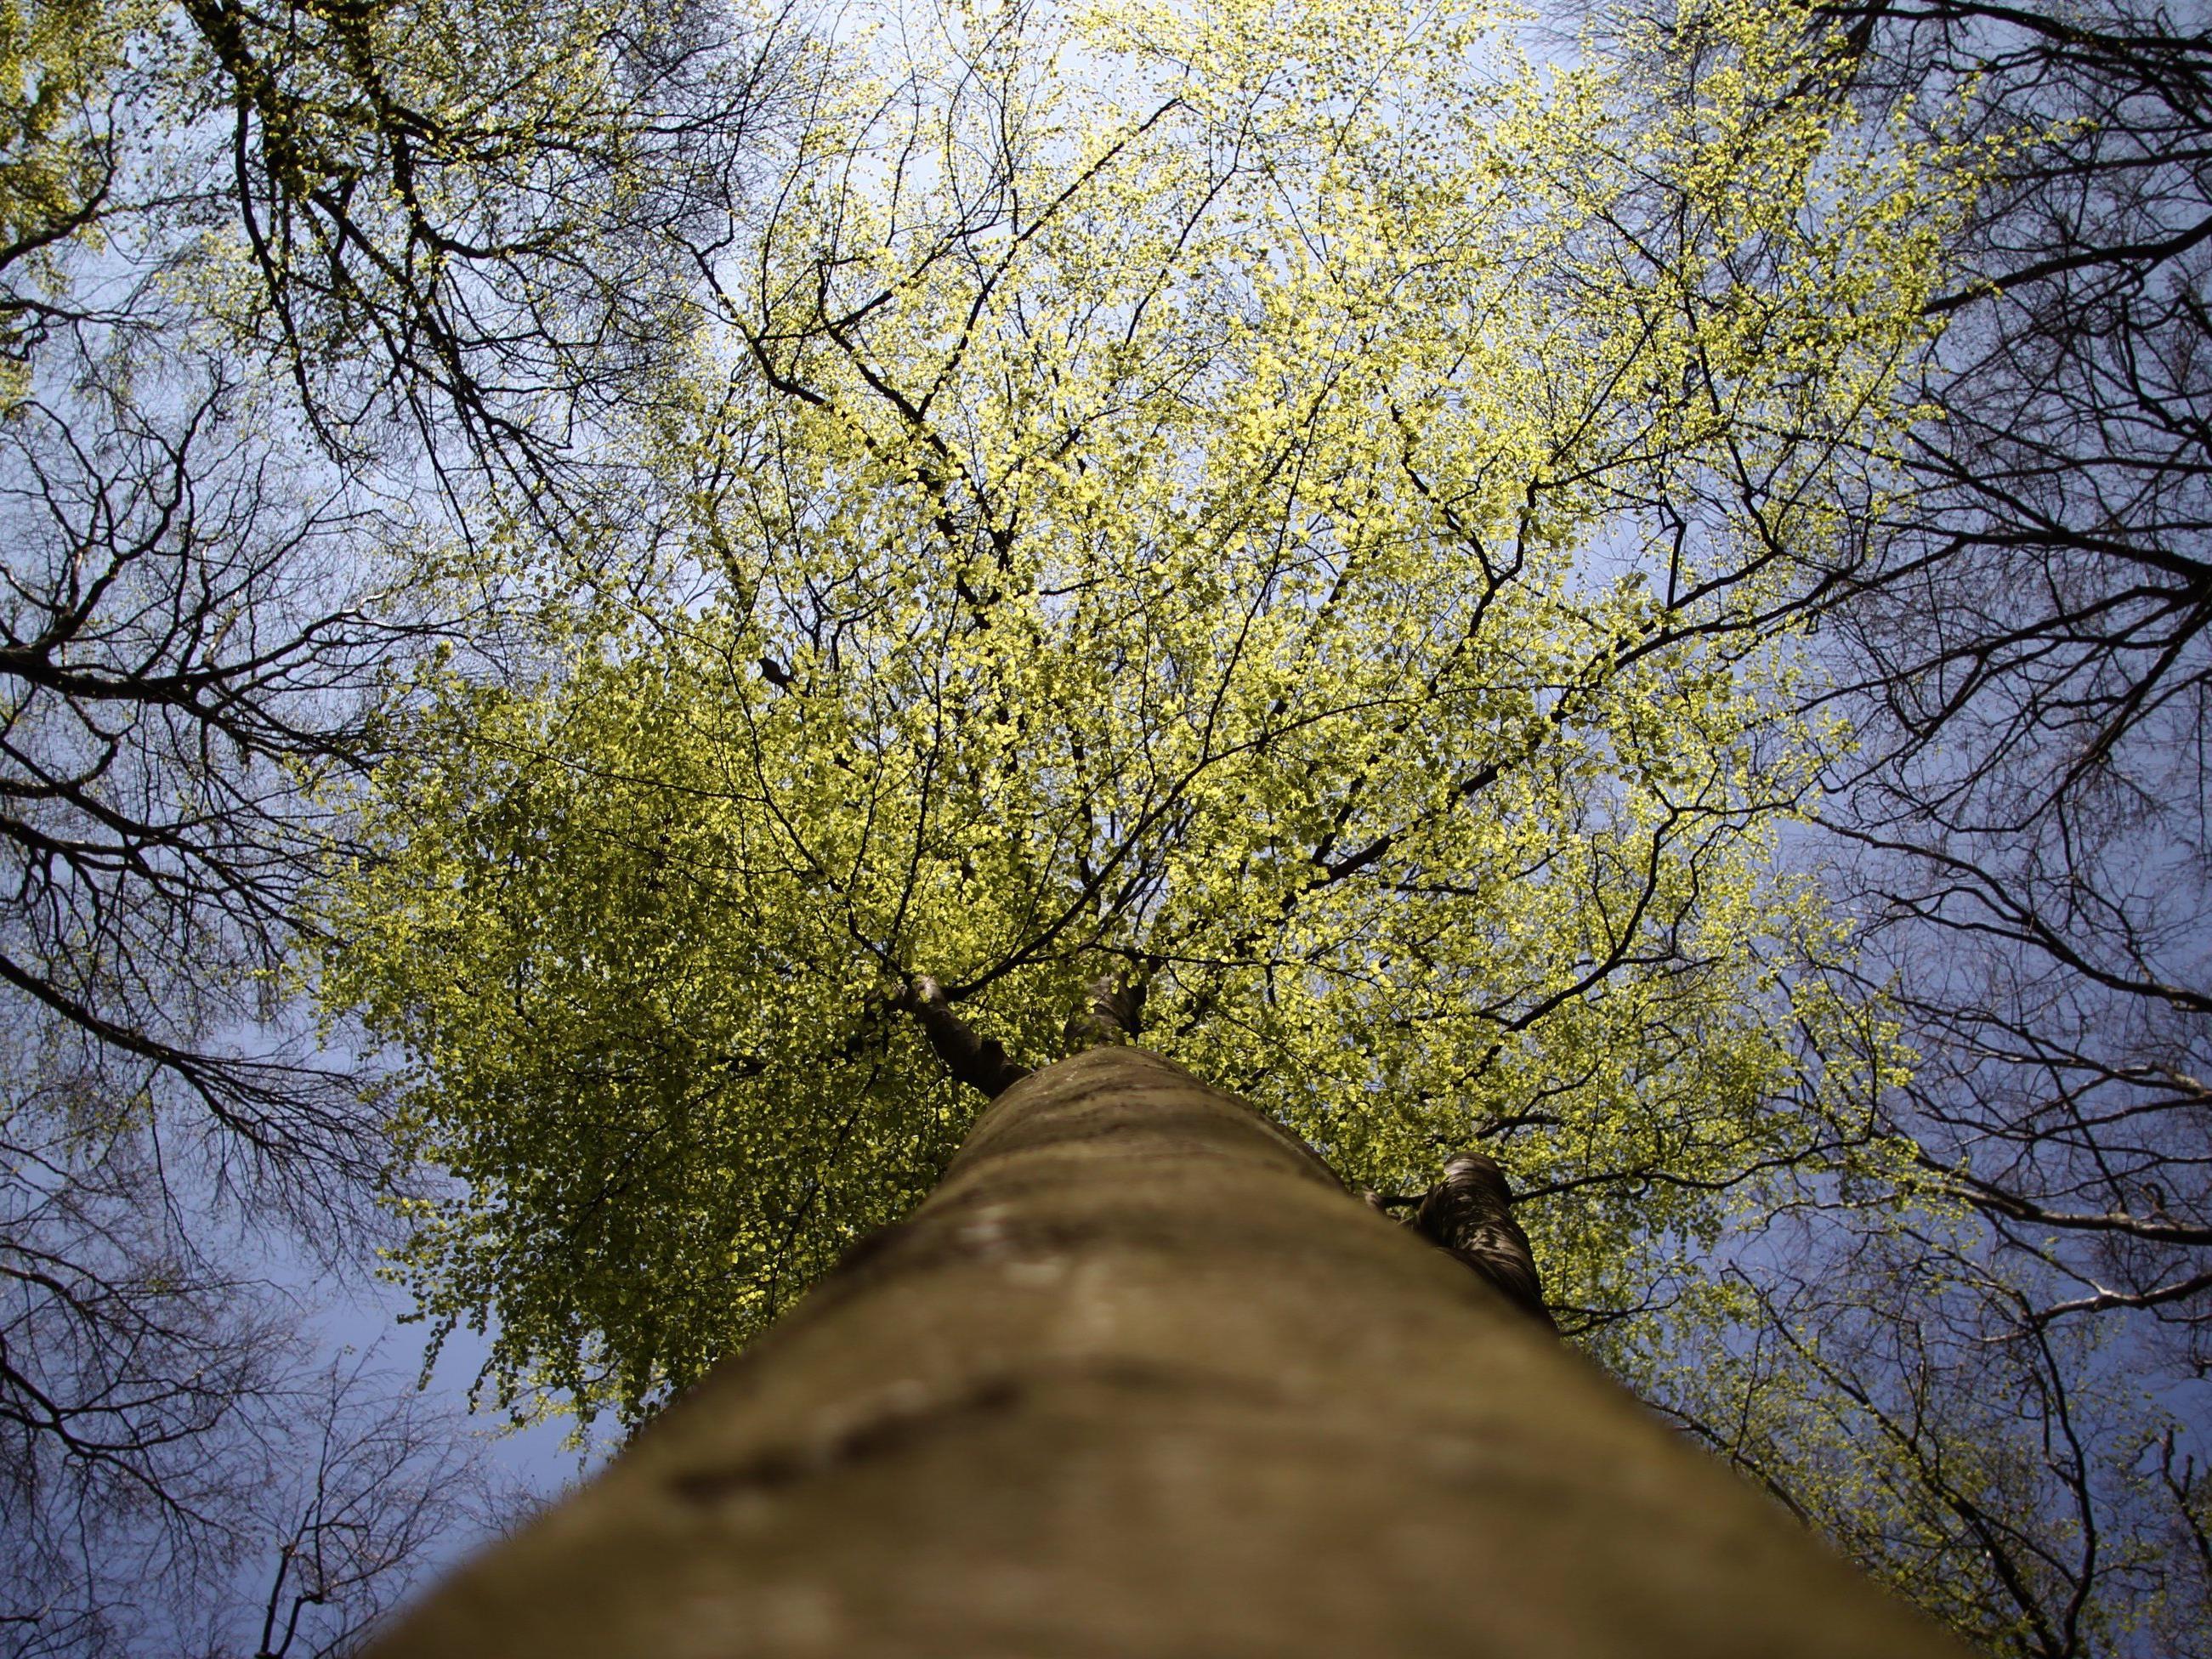 Gibt es mehr Menschen oder mehr Bäume auf der Welt? - Wissenschafter haben nachgerechnet.